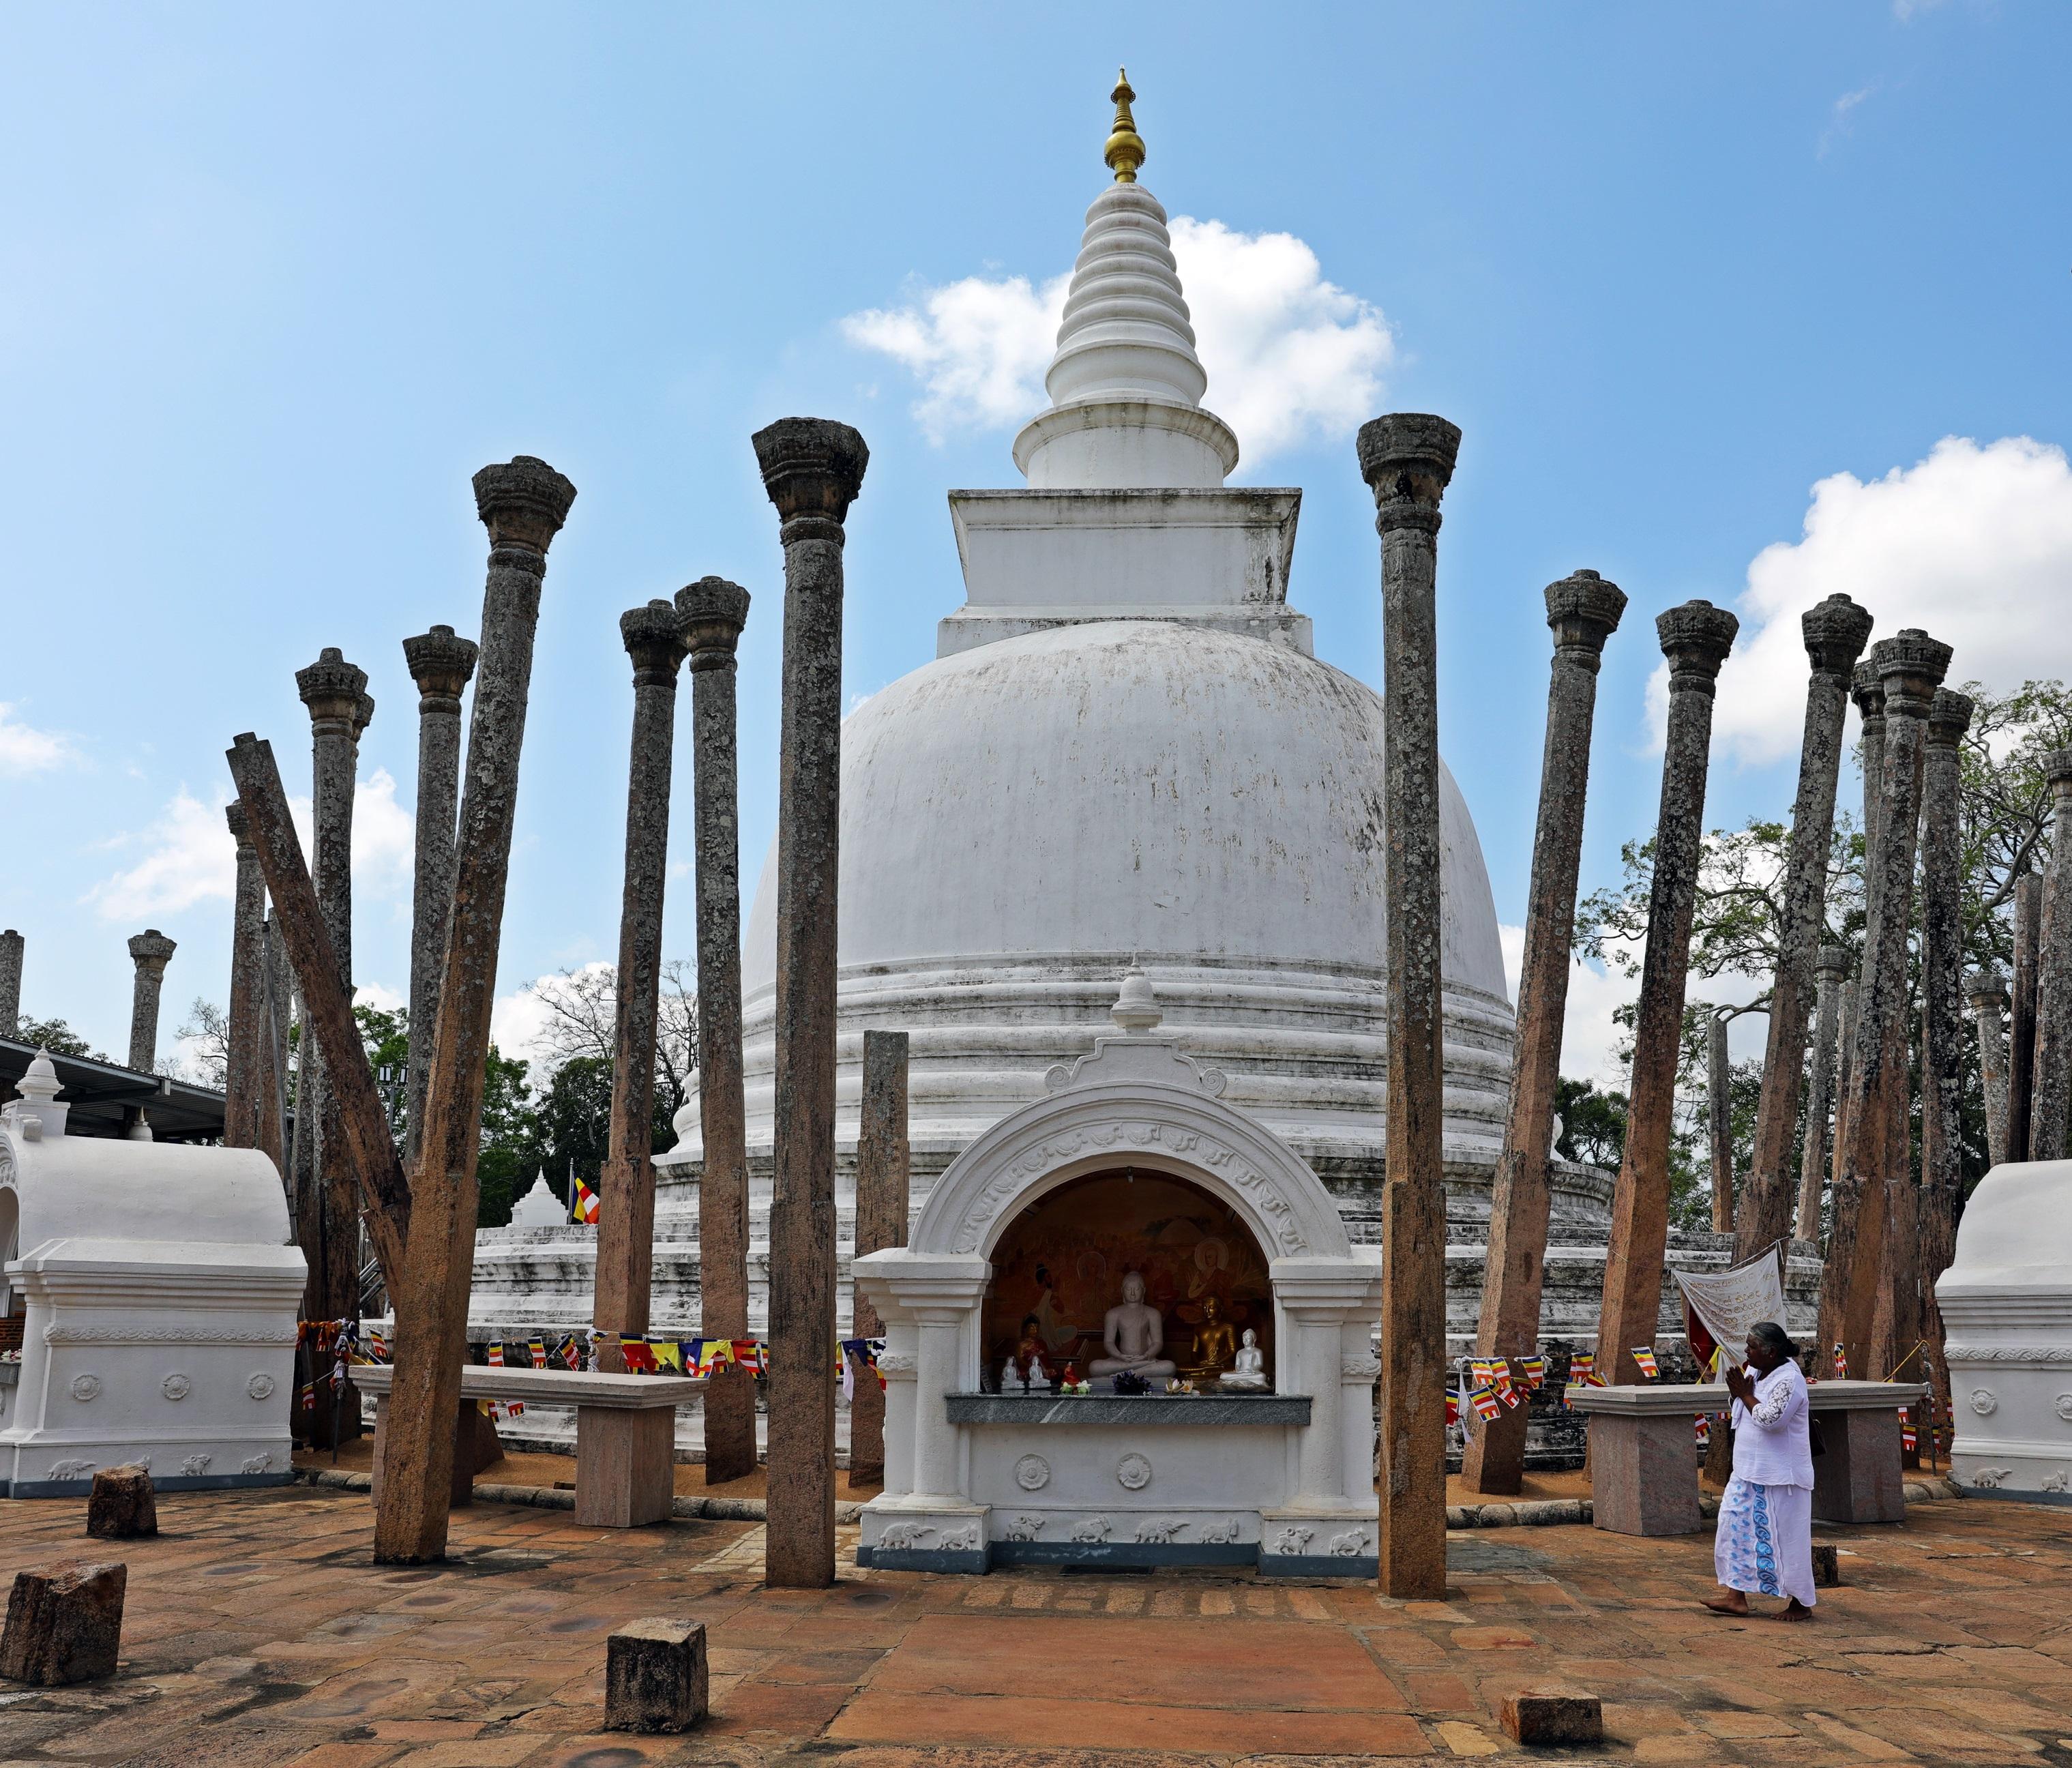 Thuparama Dagoba, Anuradhapura